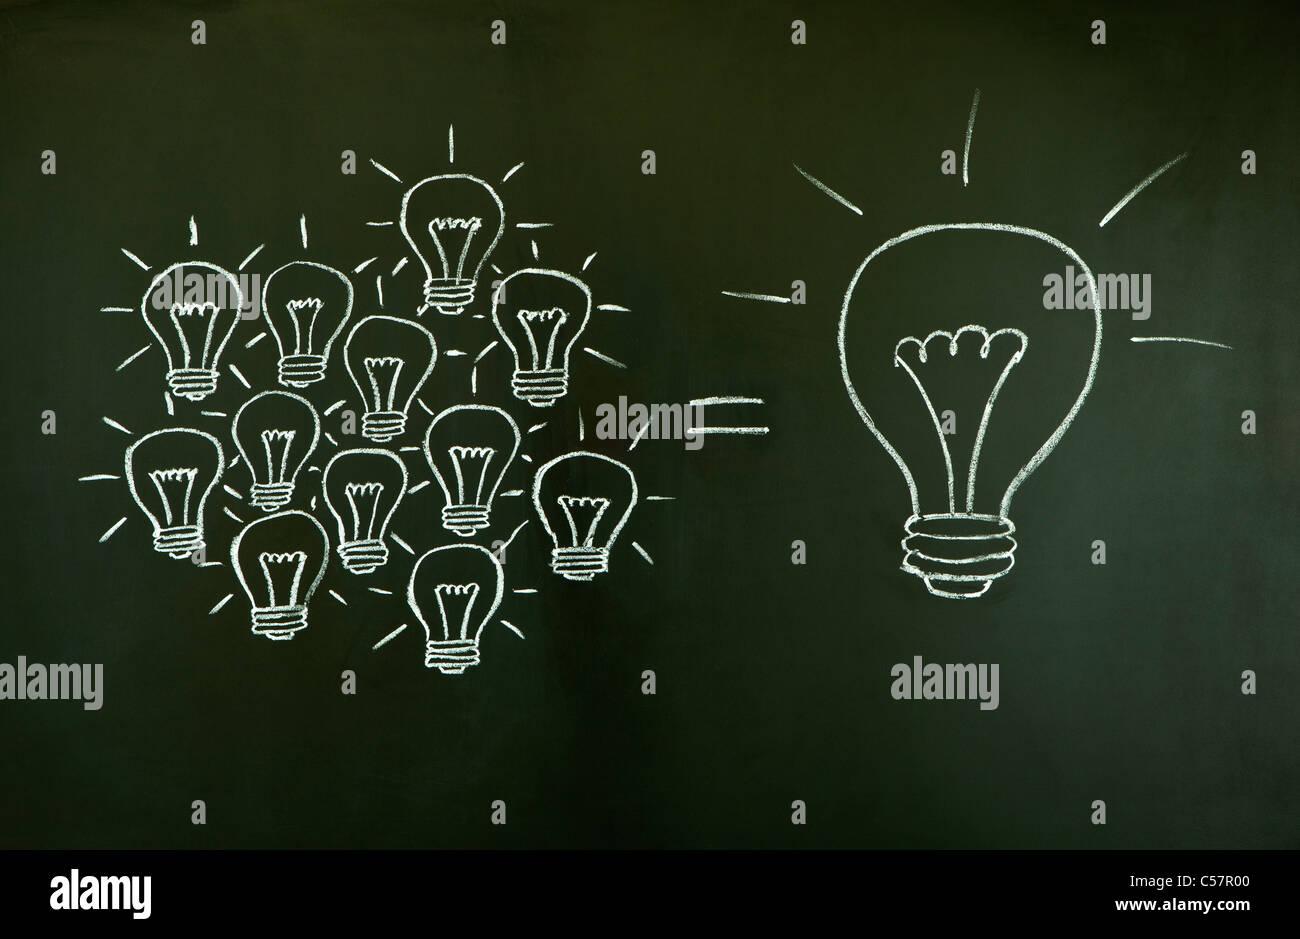 Muchas pequeñas ideas igual una grande, ilustrado dibujado con tiza en una pizarra de bombillas. Imagen De Stock